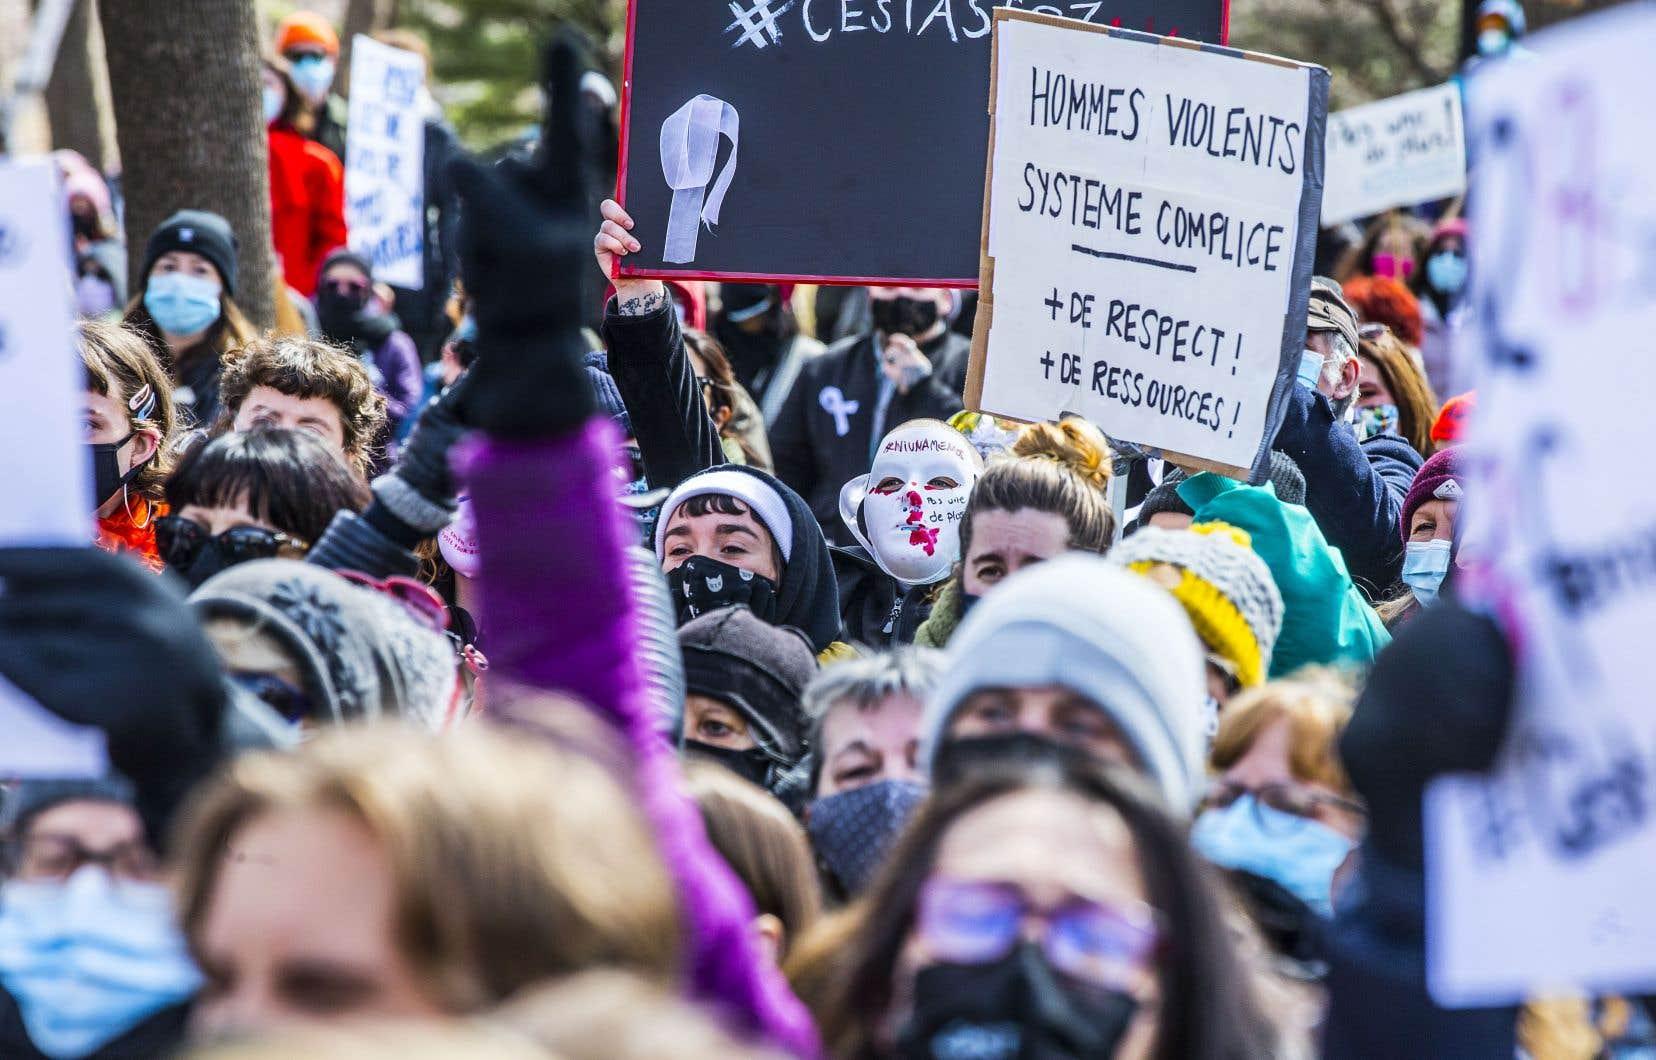 Rebekah Love Harry est devenue la semaine dernière la septième femme à être la victime d'un féminicide en autant de semaines au Québec. Sur notre photo, la marche de vendredi à Montréal qui dénonçait la violence conjugale.